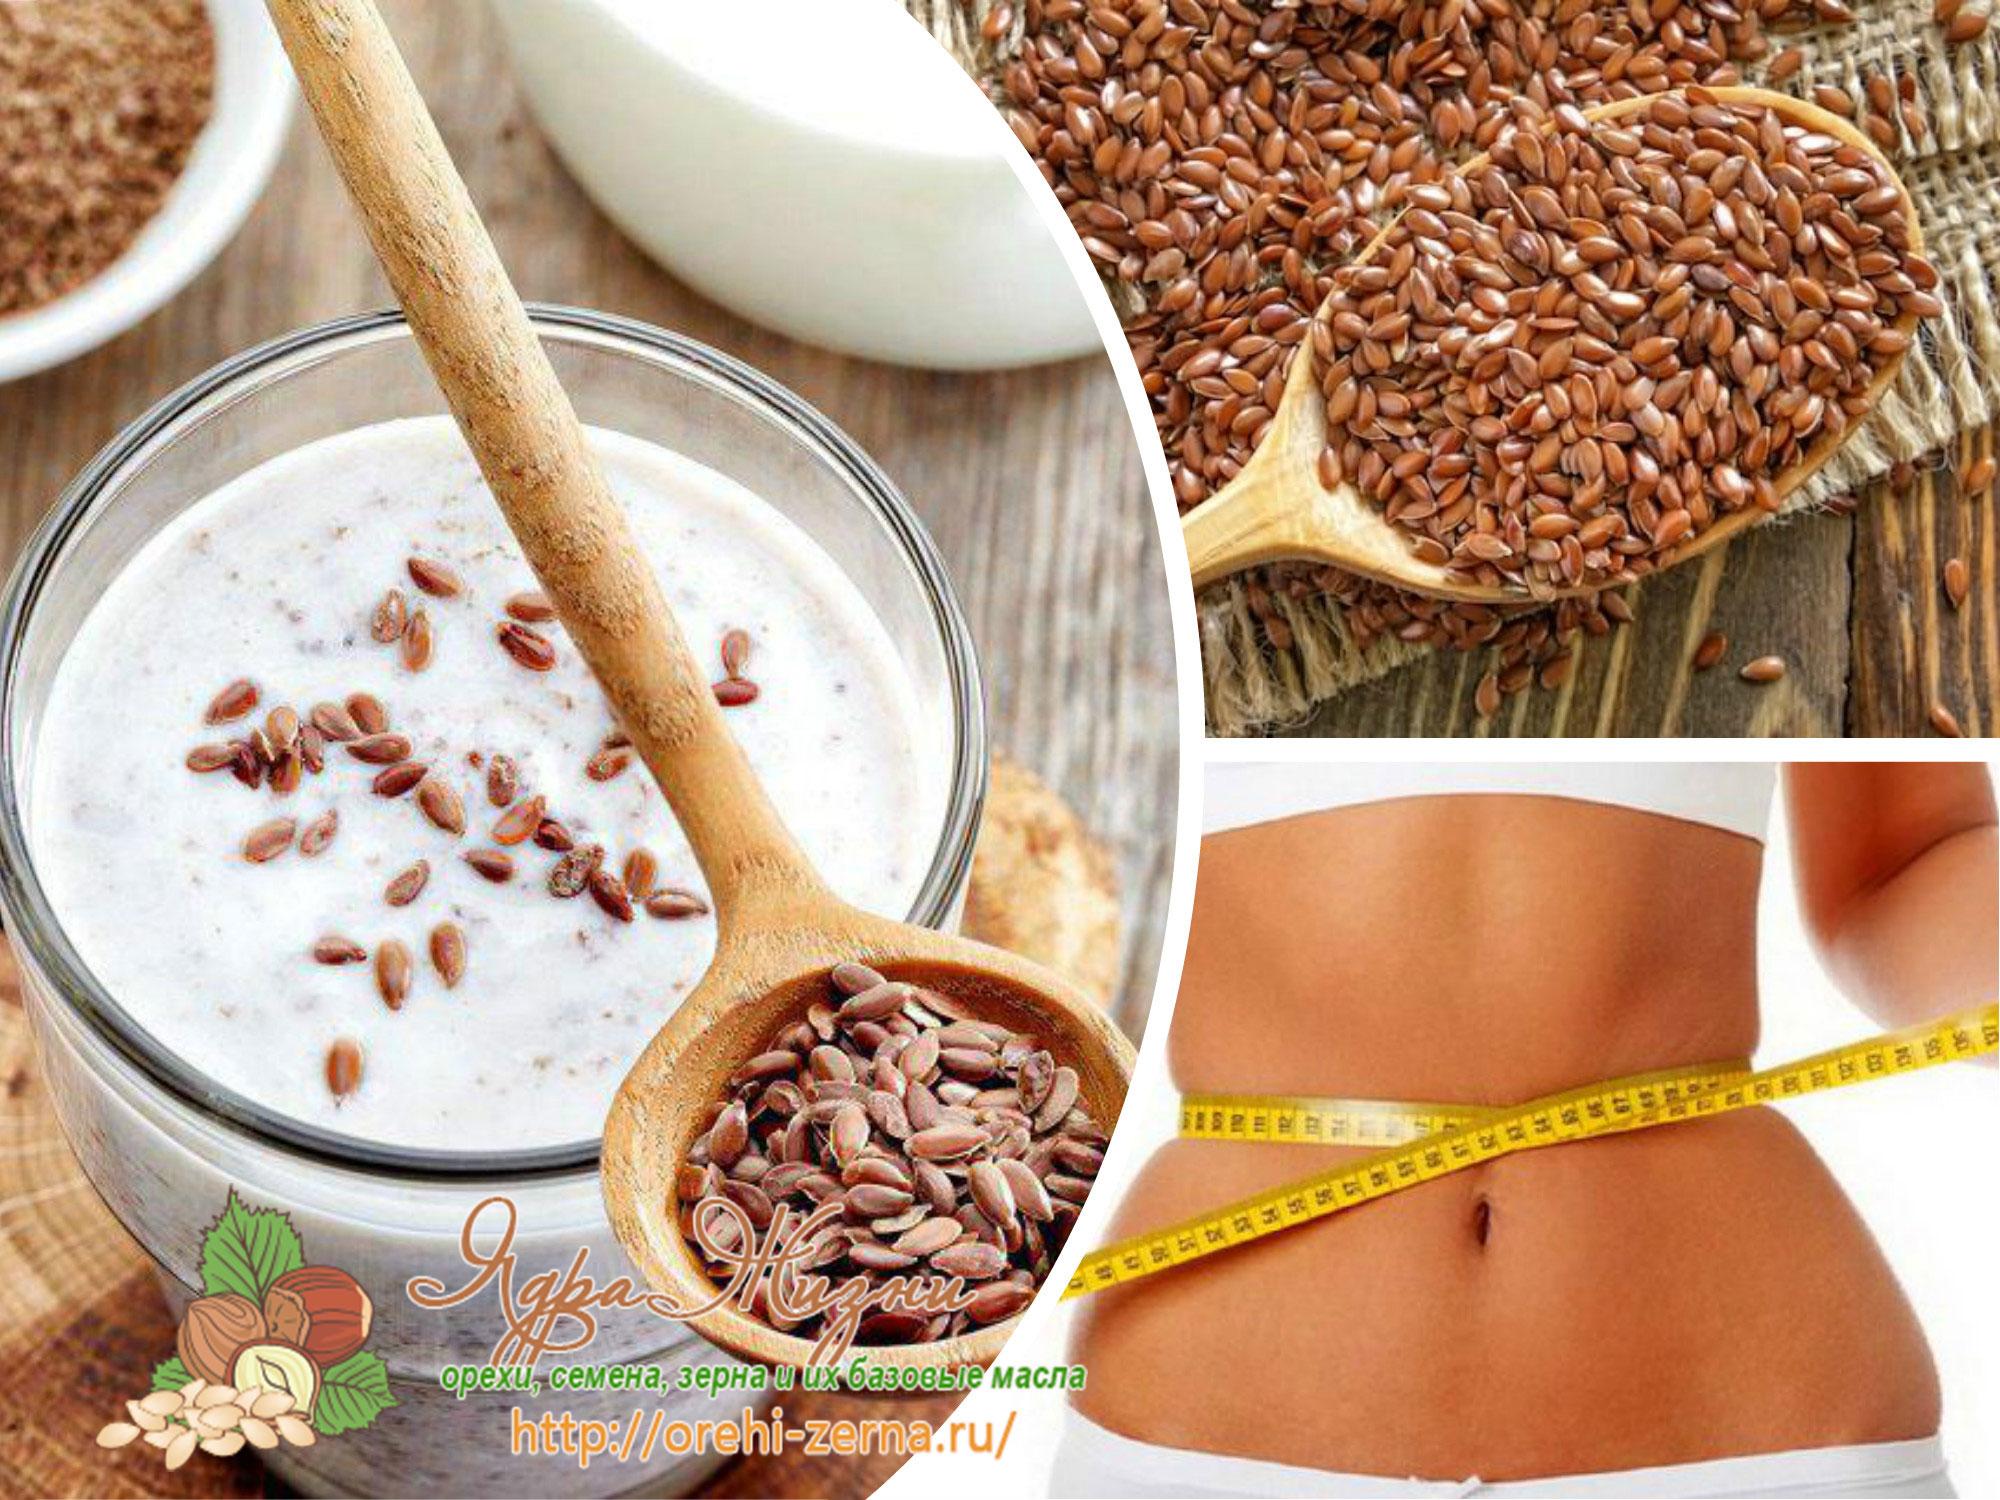 Похудение с помощью семян льна рецепт